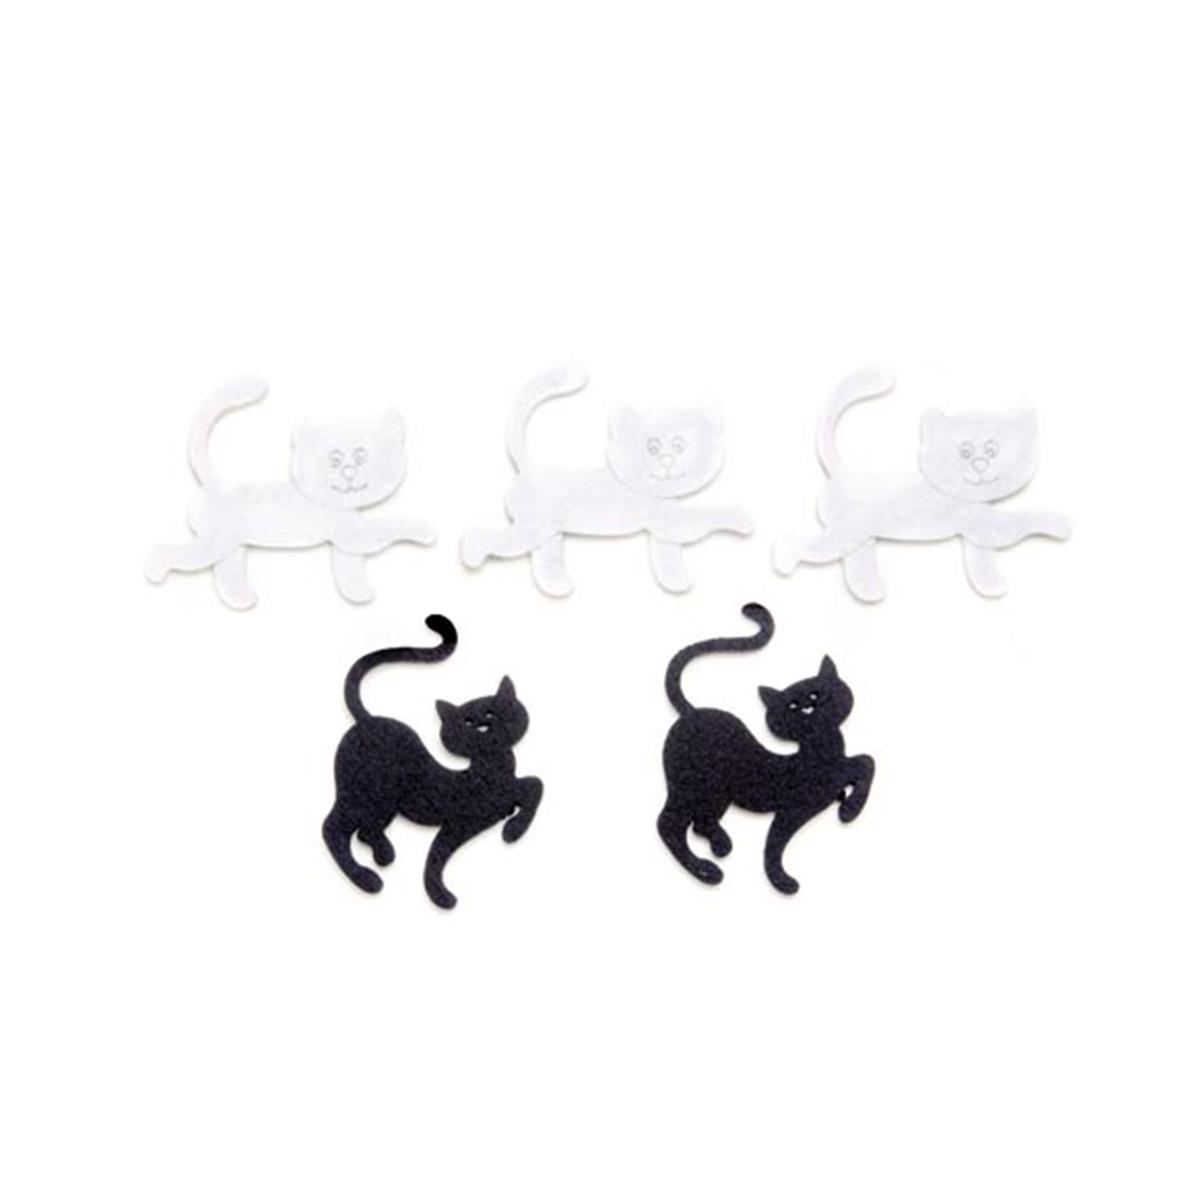 Фигурки из фетра Glorex Кошки, цвет: белый, черный, 5,5 см, 5 шт318677